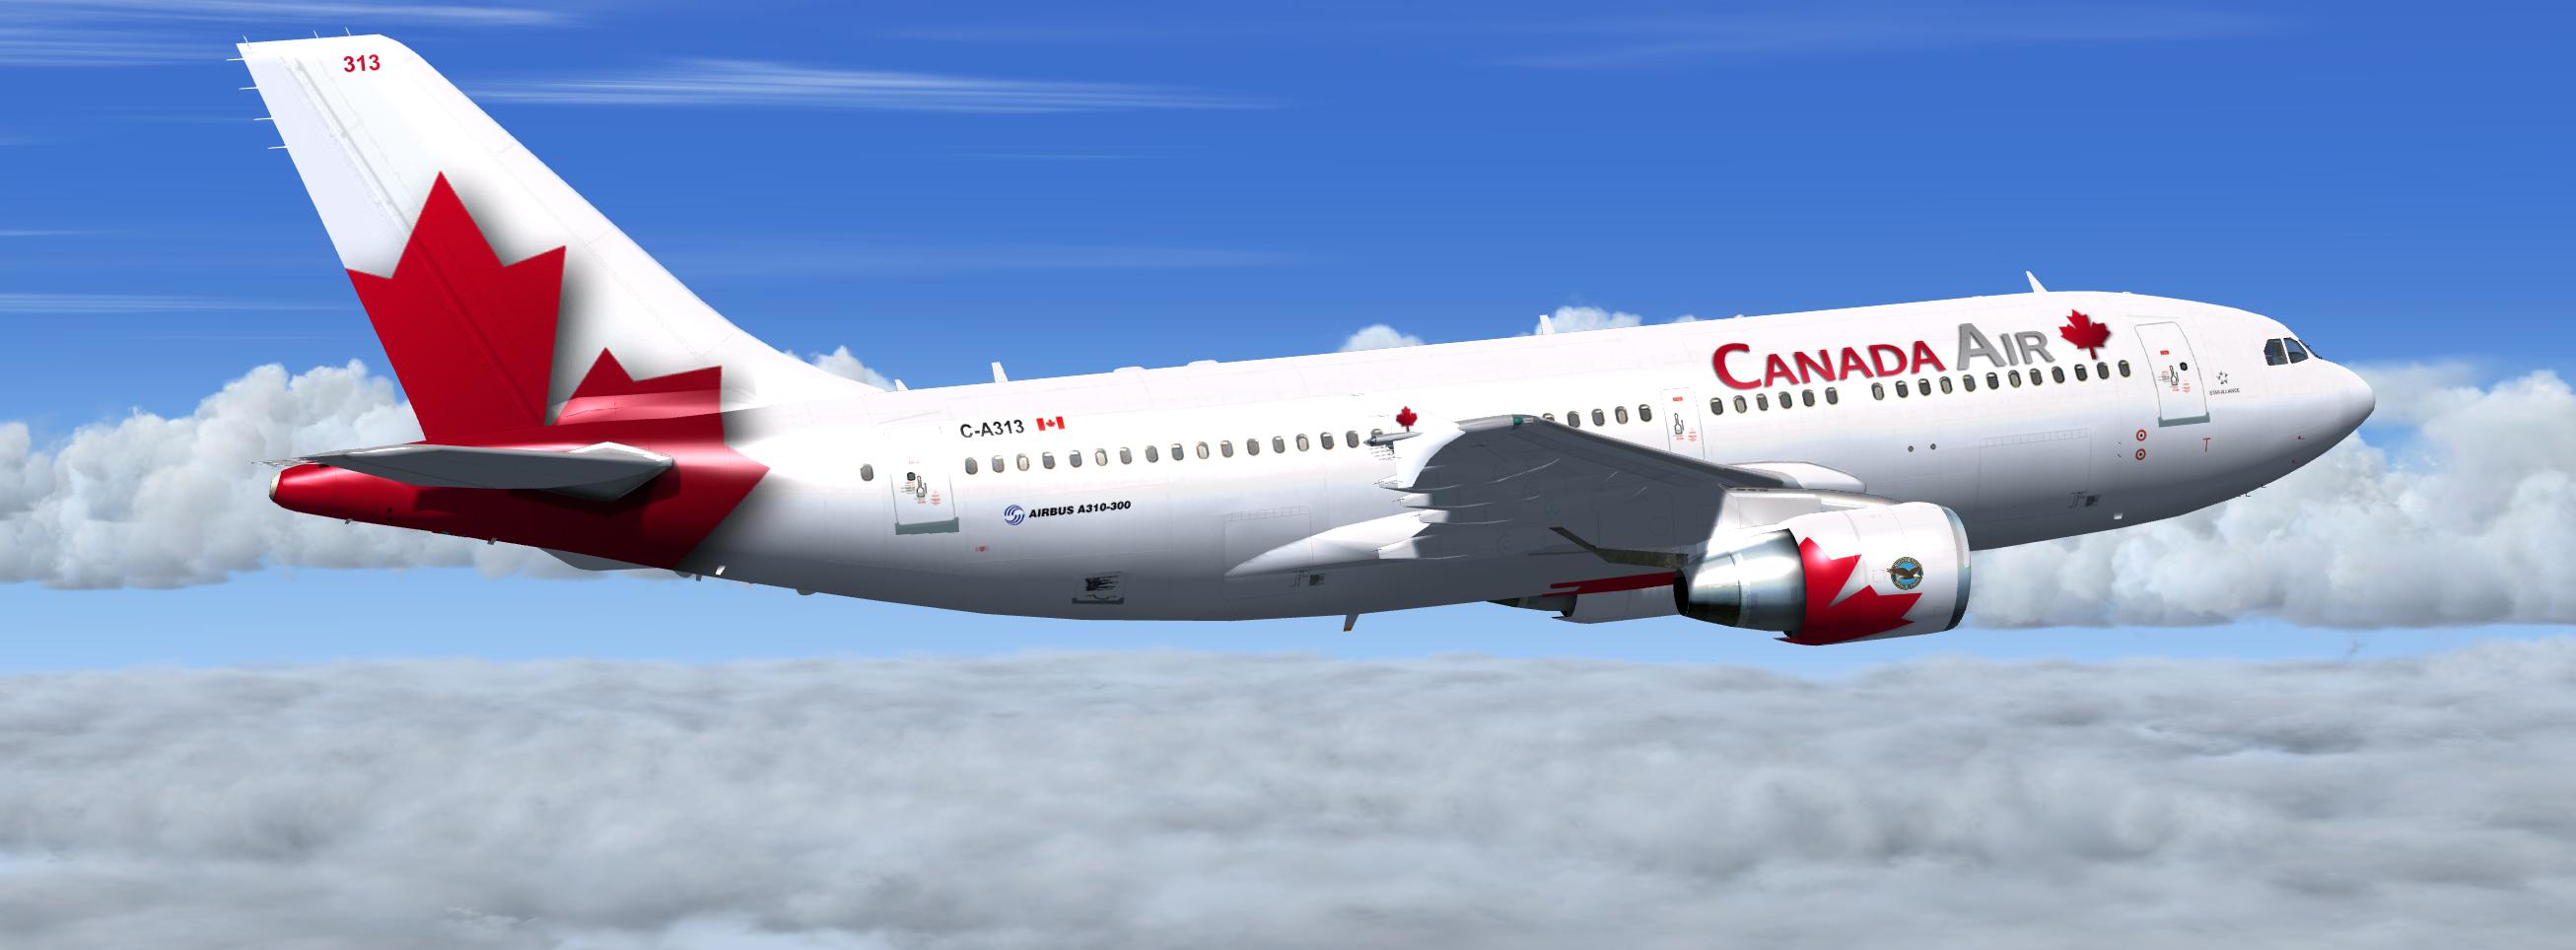 Welcome - Canada Air Virtual